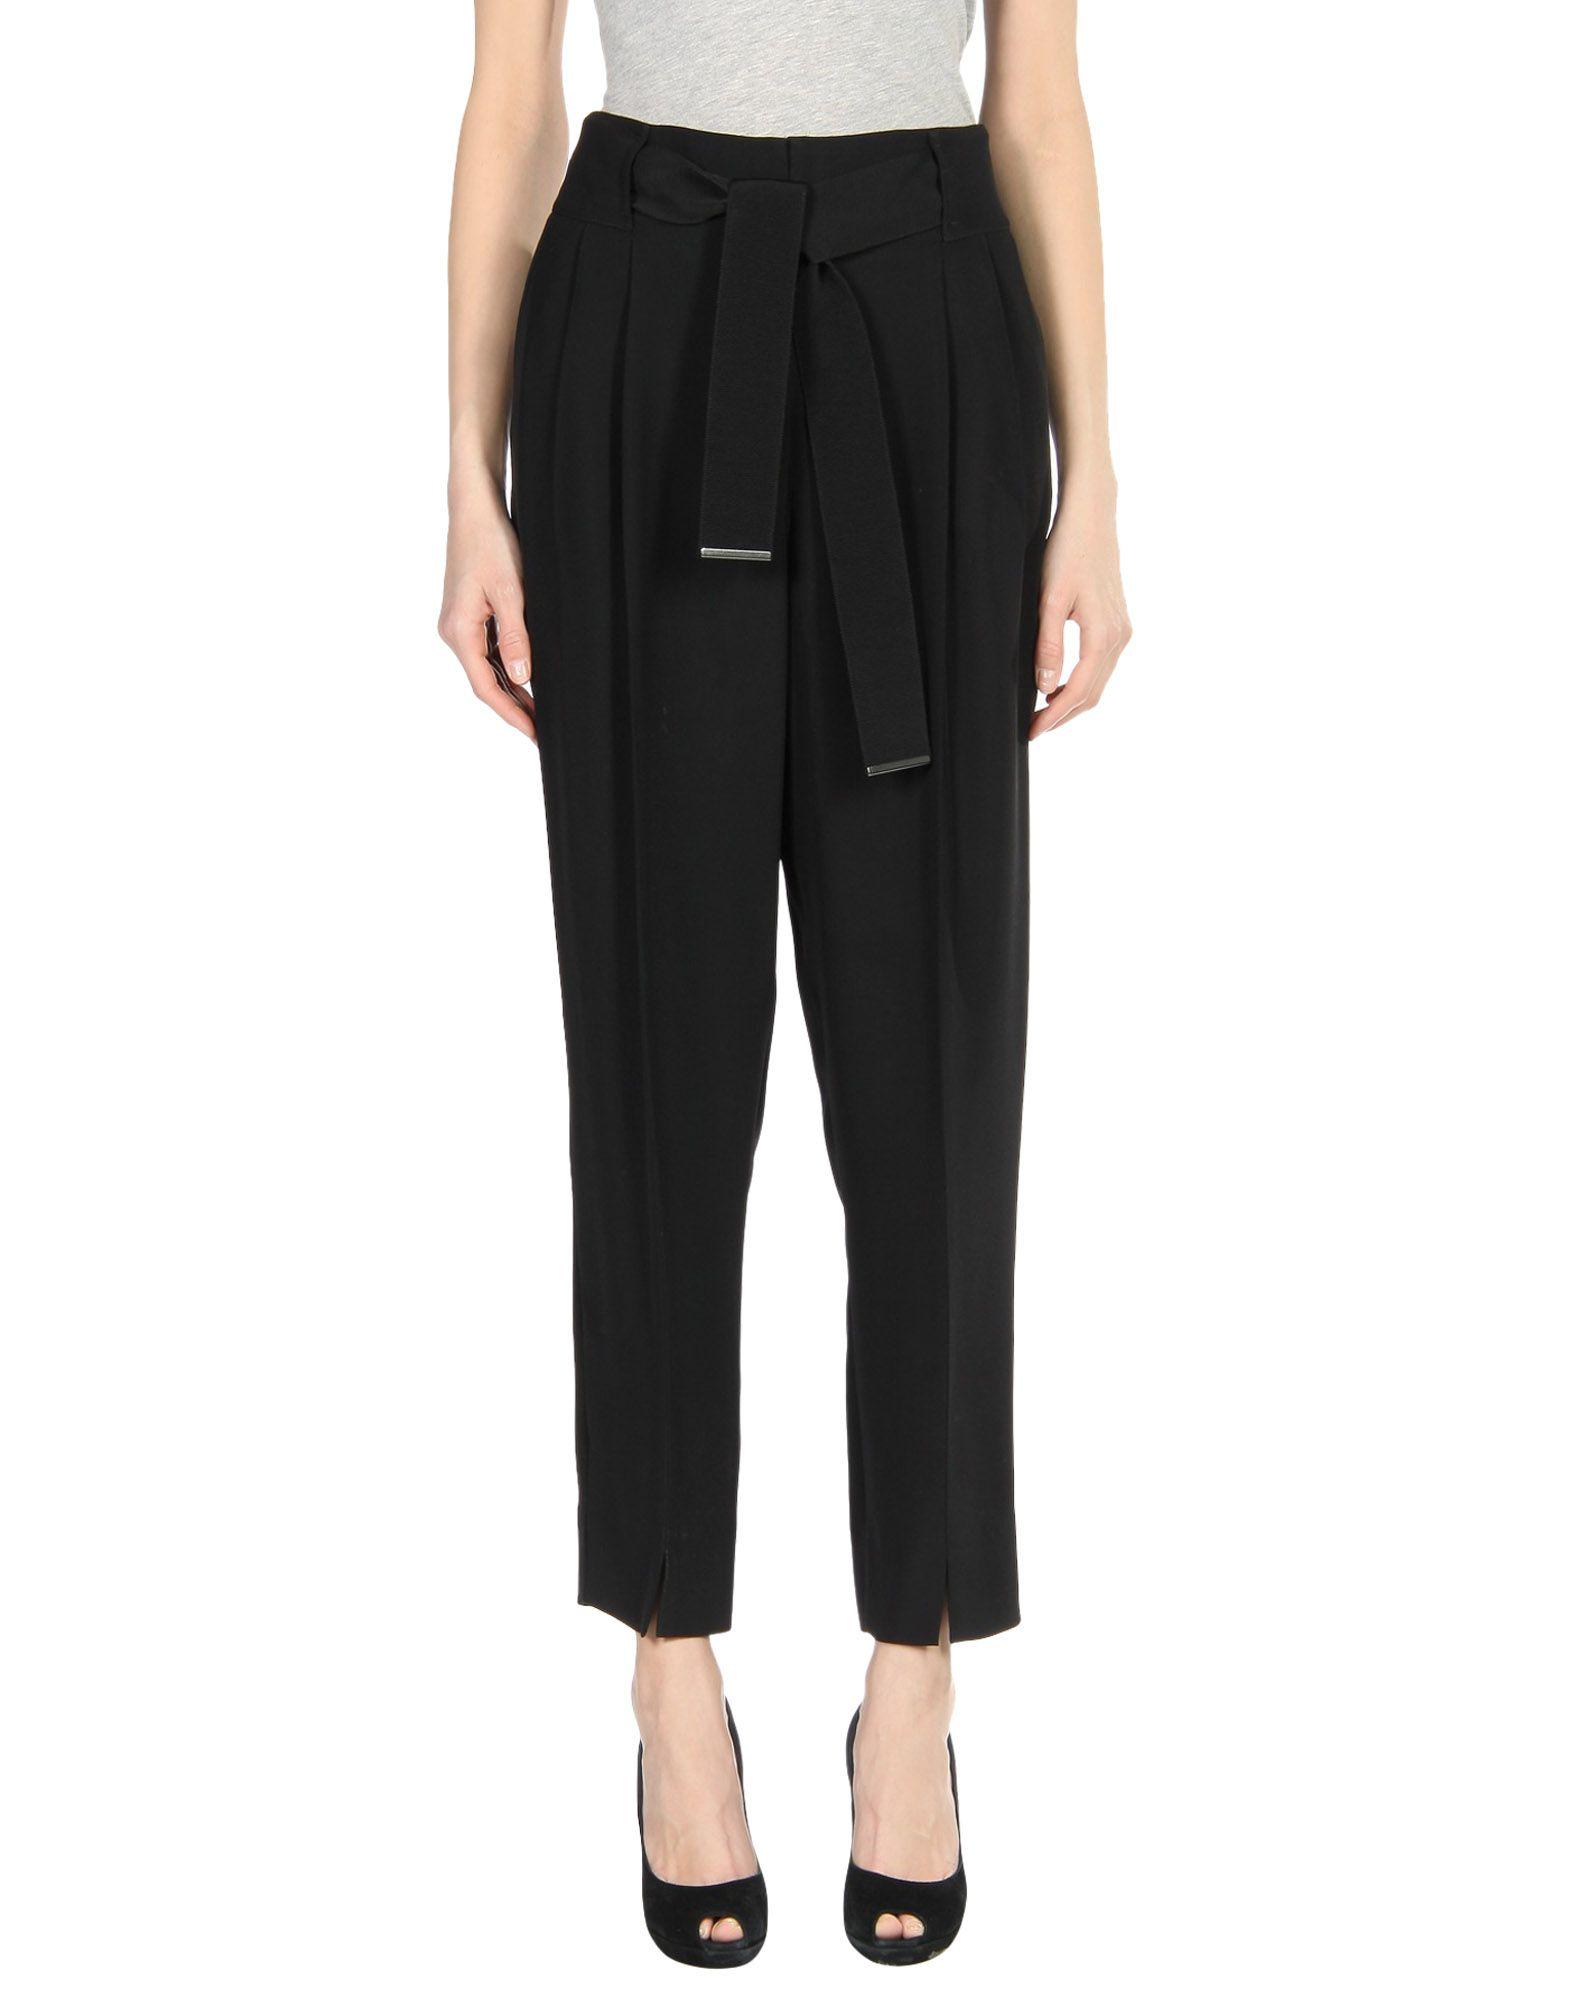 Pantalone Armani Collezioni Donna - Acquista online su qbDe9a0